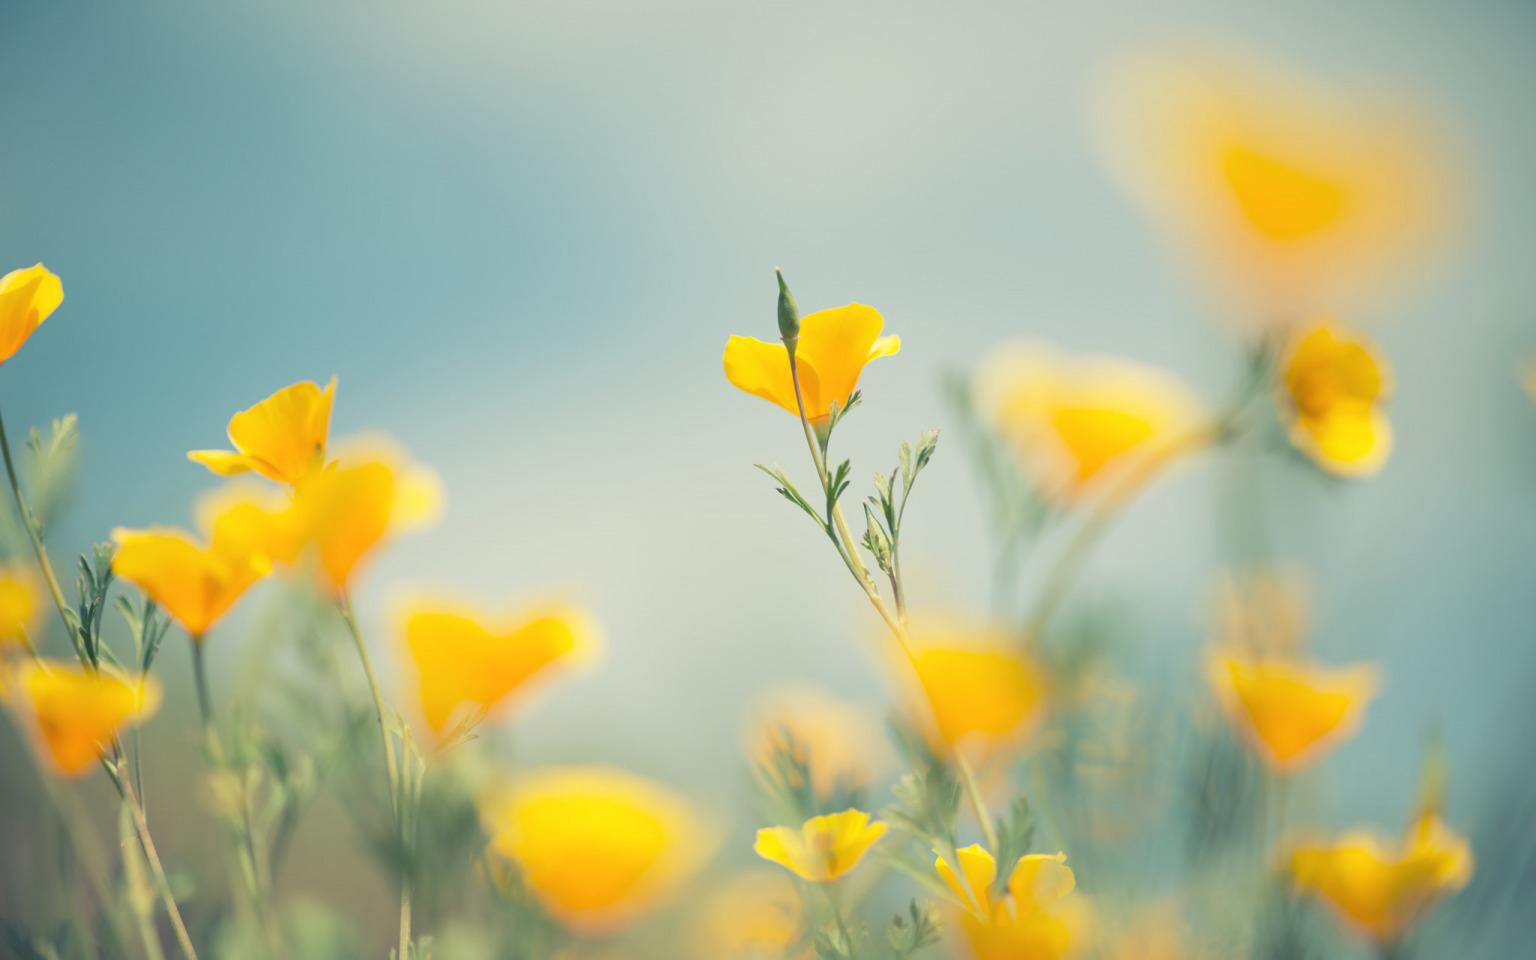 Картинки с желтыми цветами, поздравлениями сестре прикольные